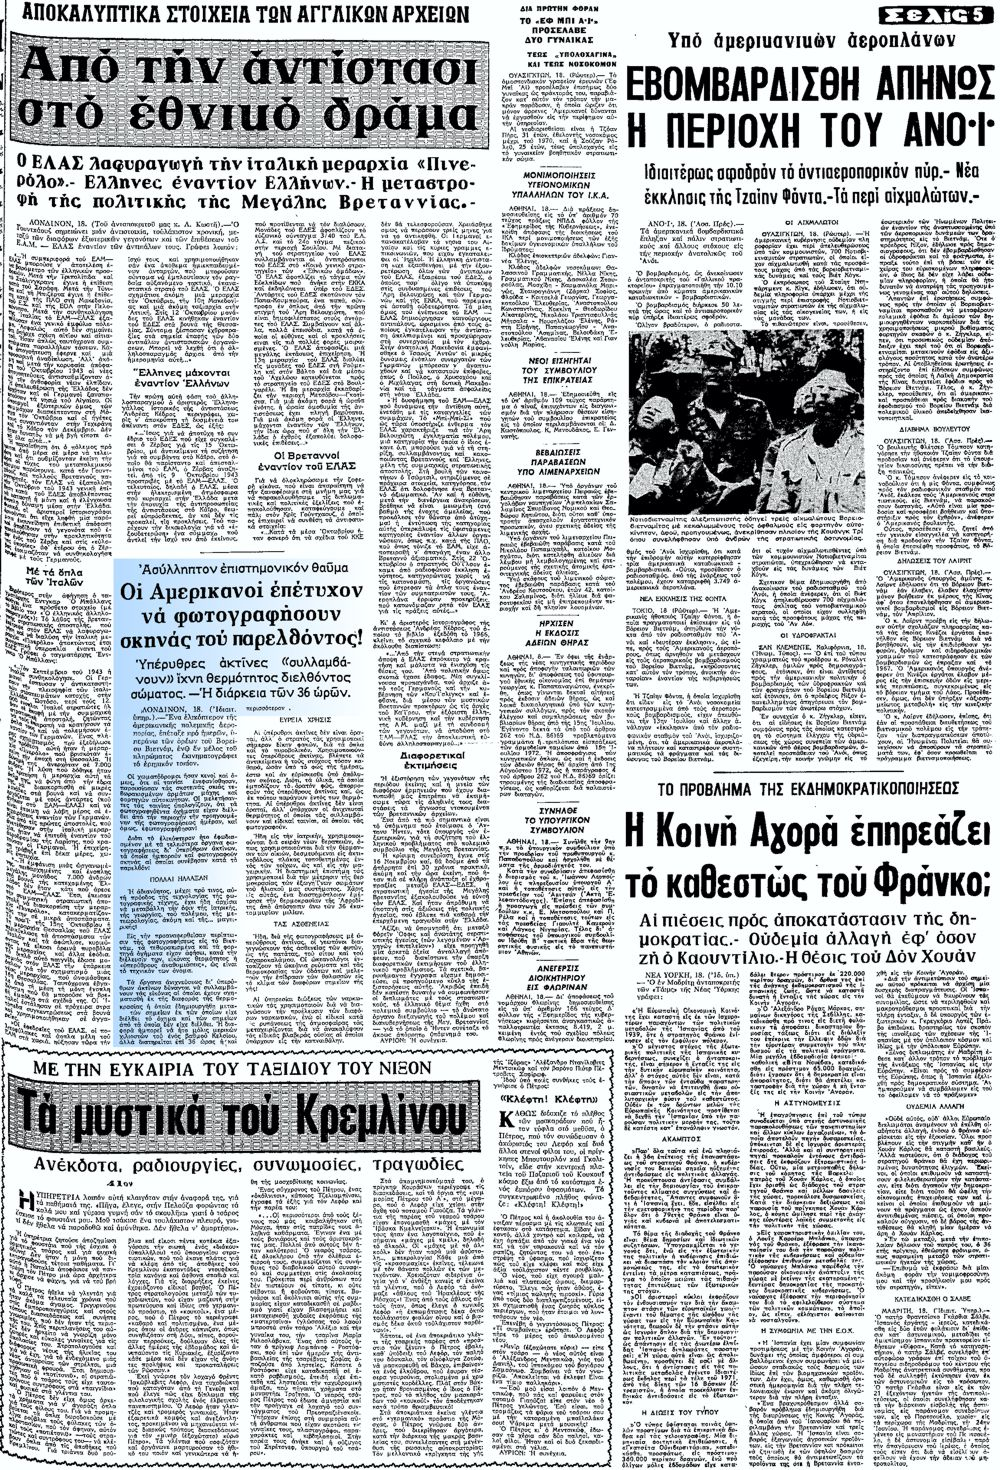 """Το άρθρο, όπως δημοσιεύθηκε στην εφημερίδα """"ΜΑΚΕΔΟΝΙΑ"""", στις 19/07/1972"""